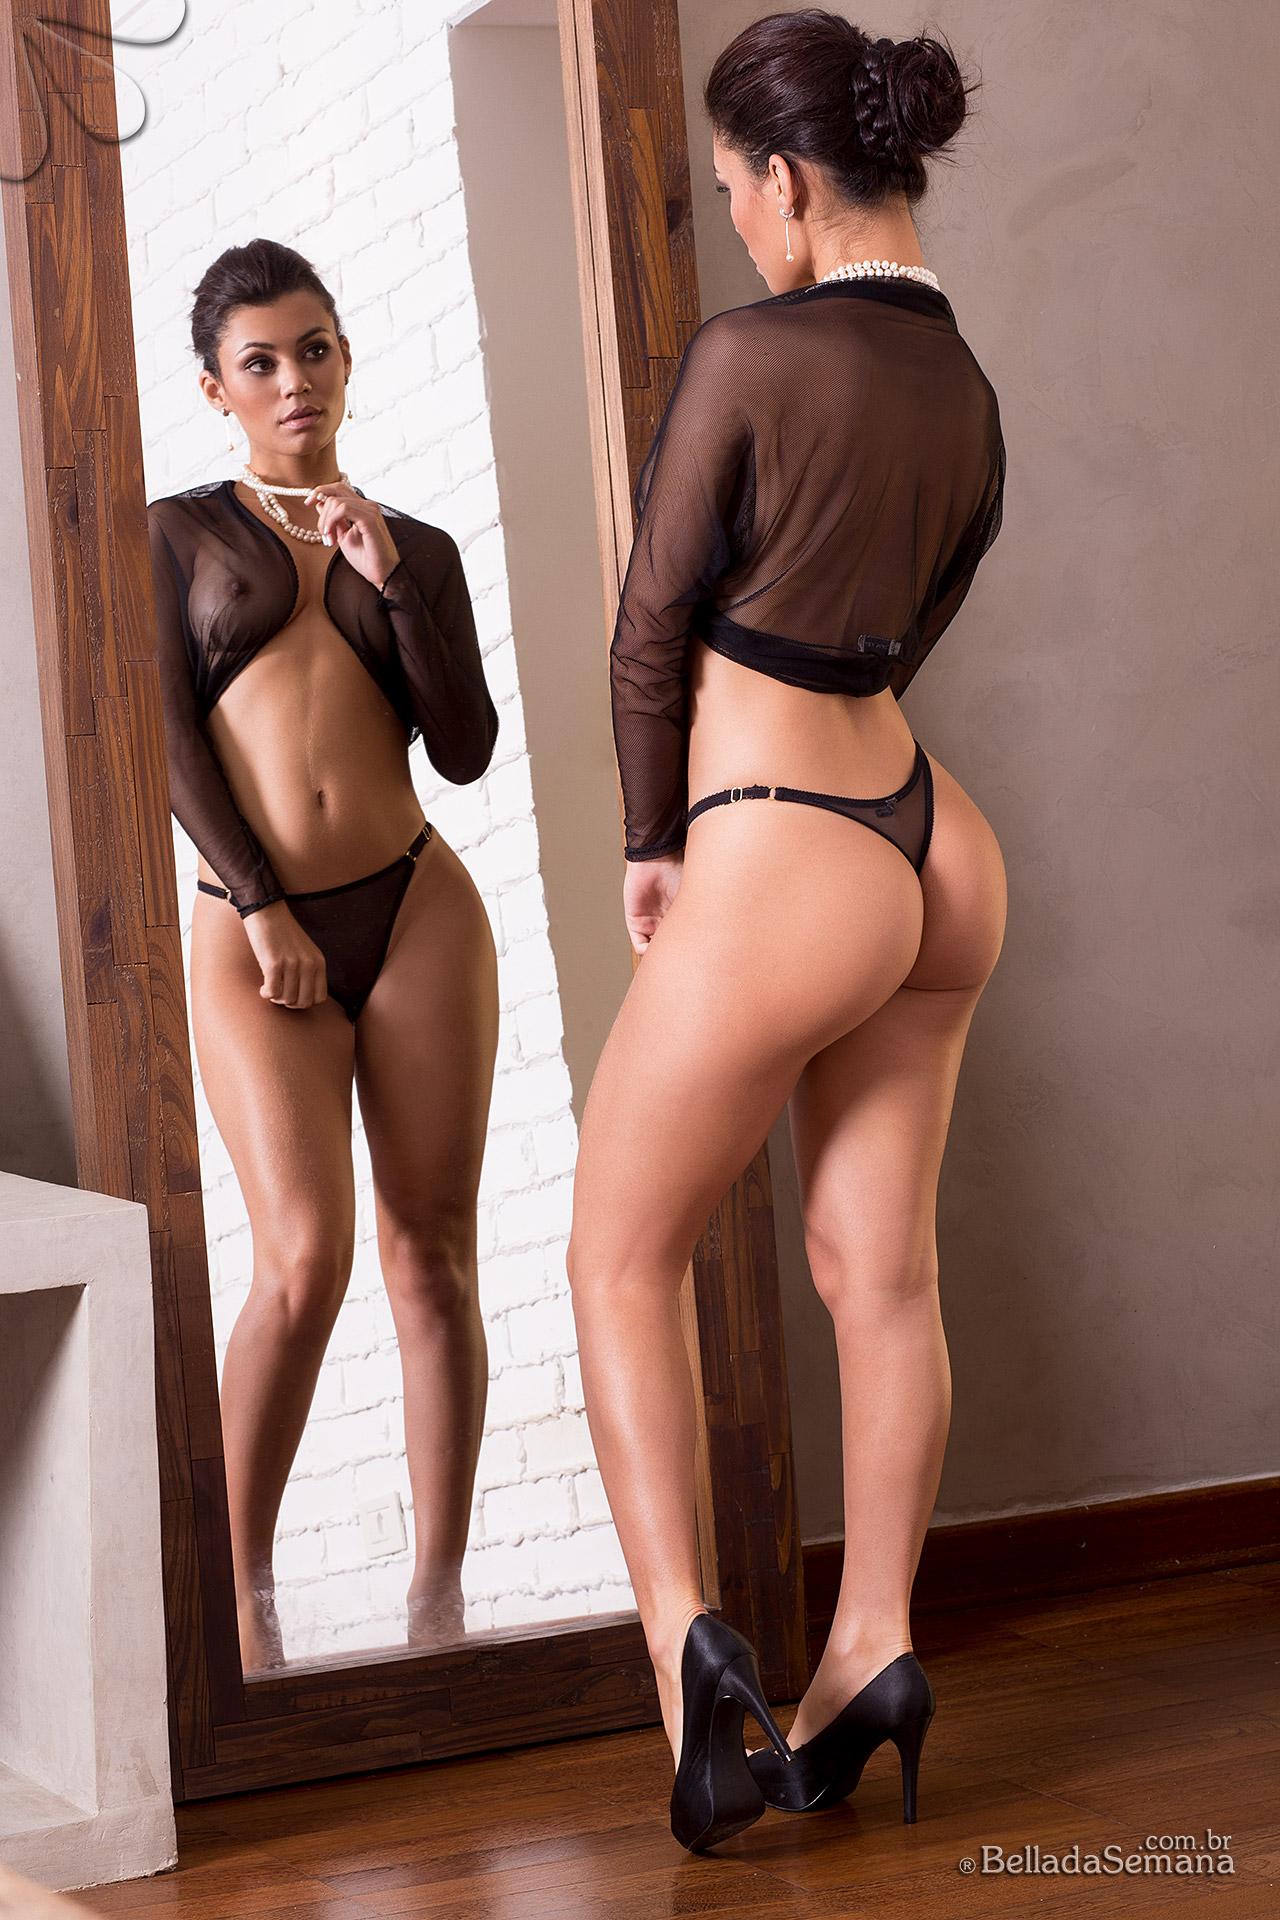 Francielli Fontana de volta ao Bella da Semana